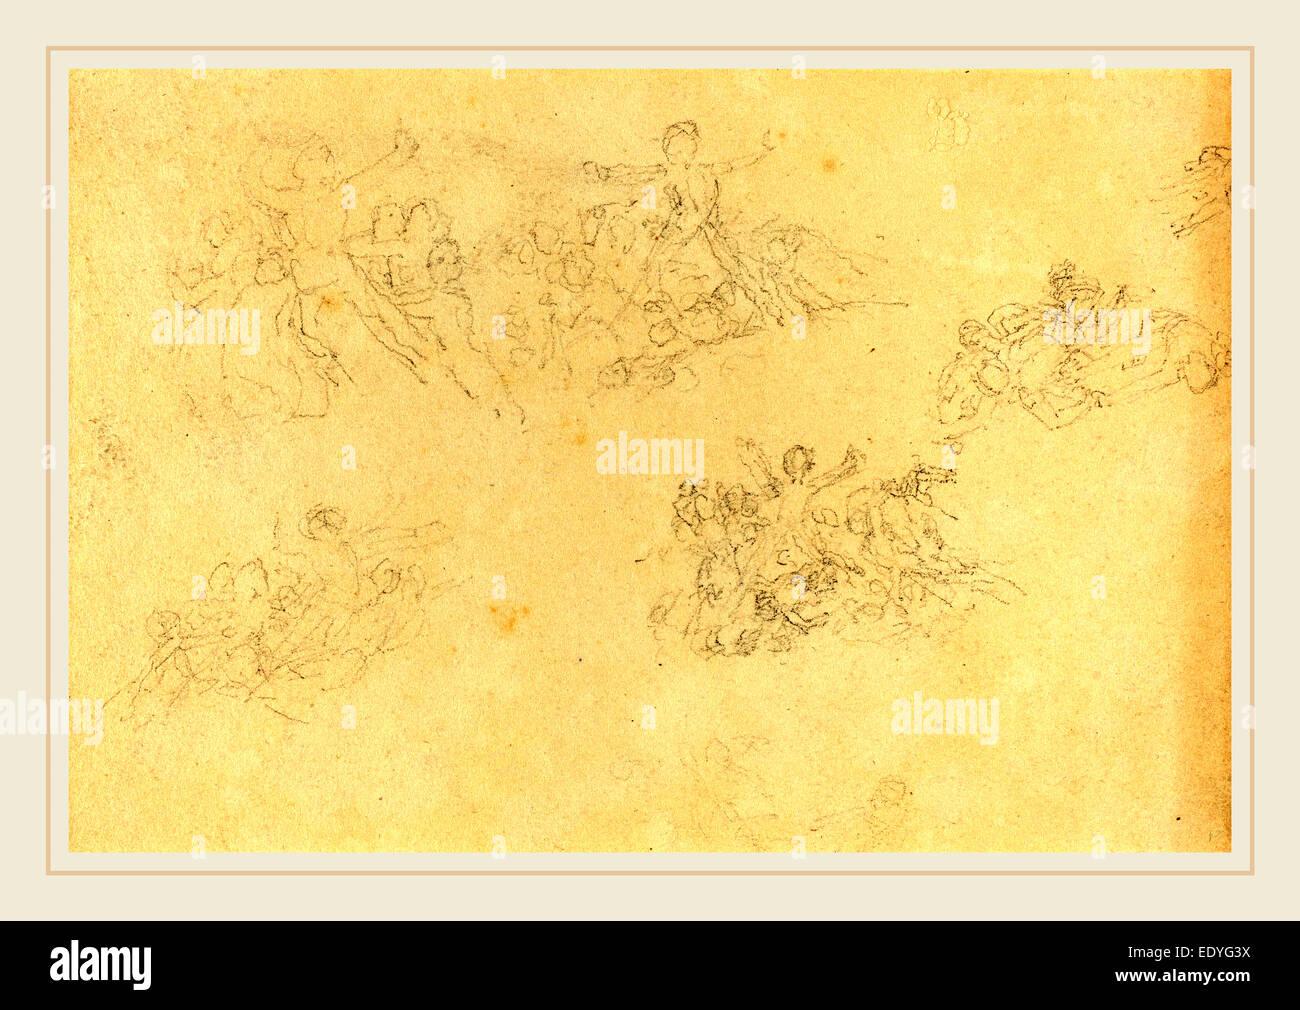 John Flaxman, British (1755-1826), il foglio di studi, grafite Immagini Stock